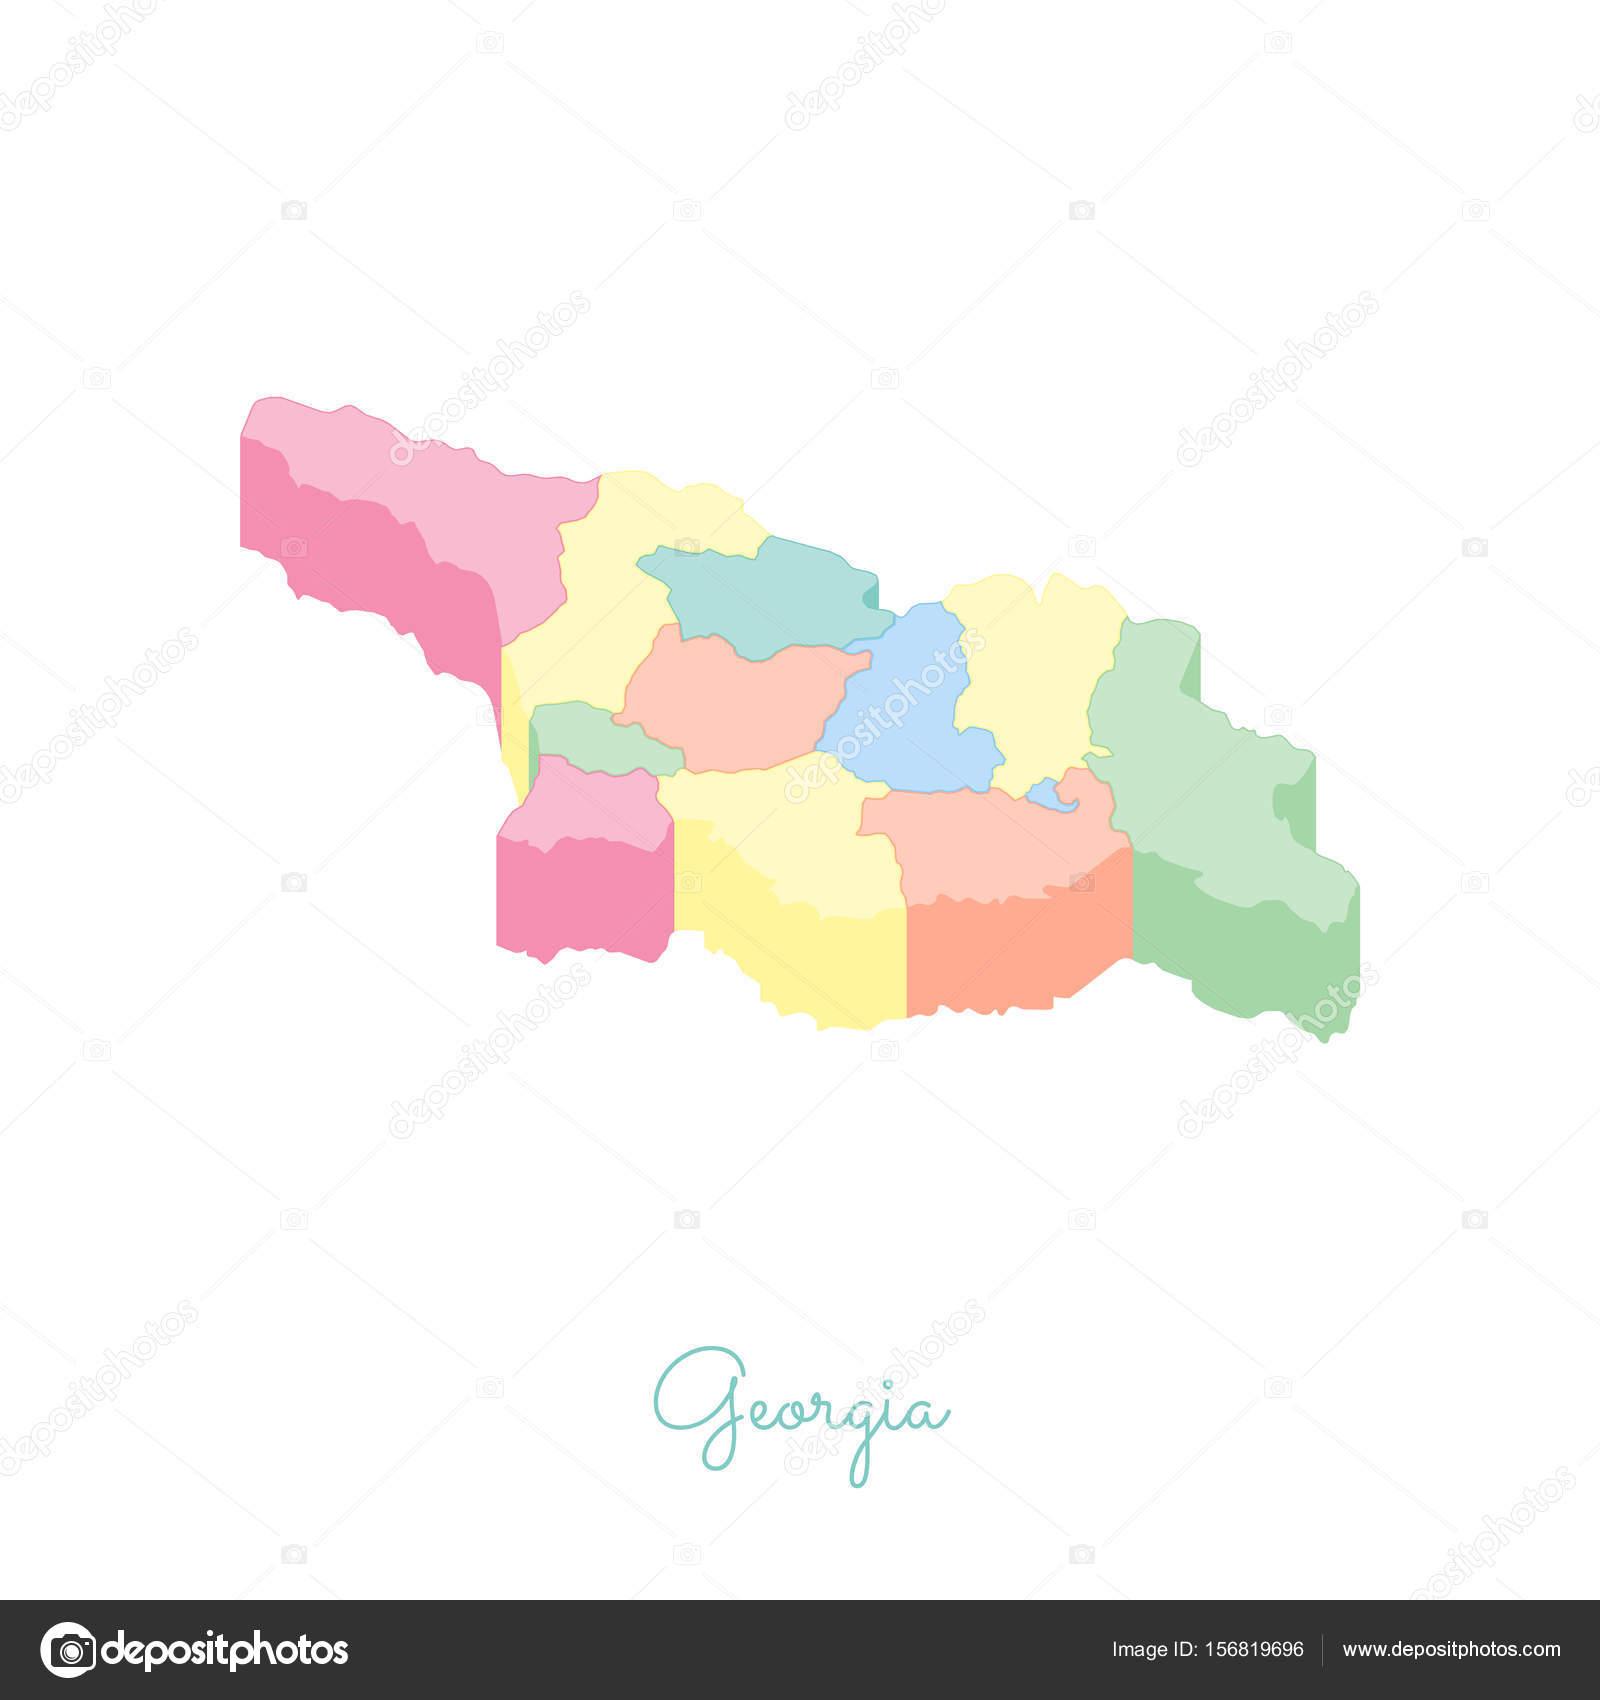 Georgien Karte Regionen.Georgien Region Karte Bunt Isometrischen Draufsicht Detaillierte